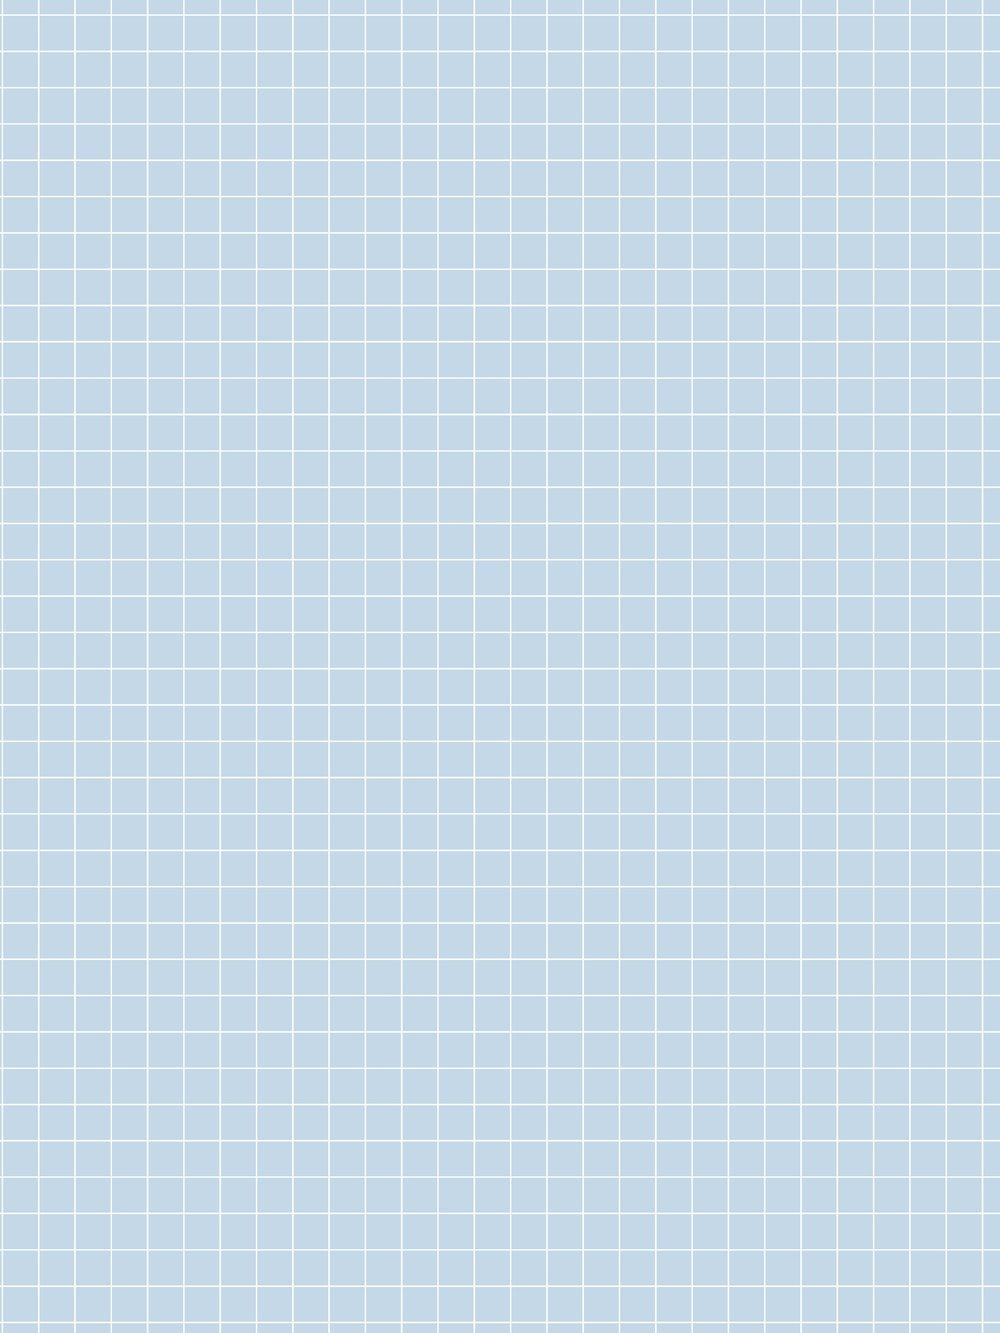 blank for karina.jpg